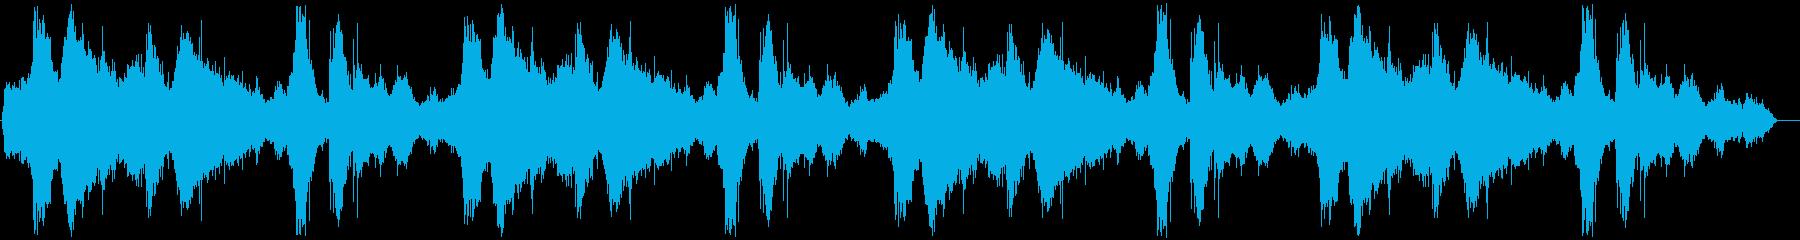 波の音の低音と高音をカットしたローファ…の再生済みの波形